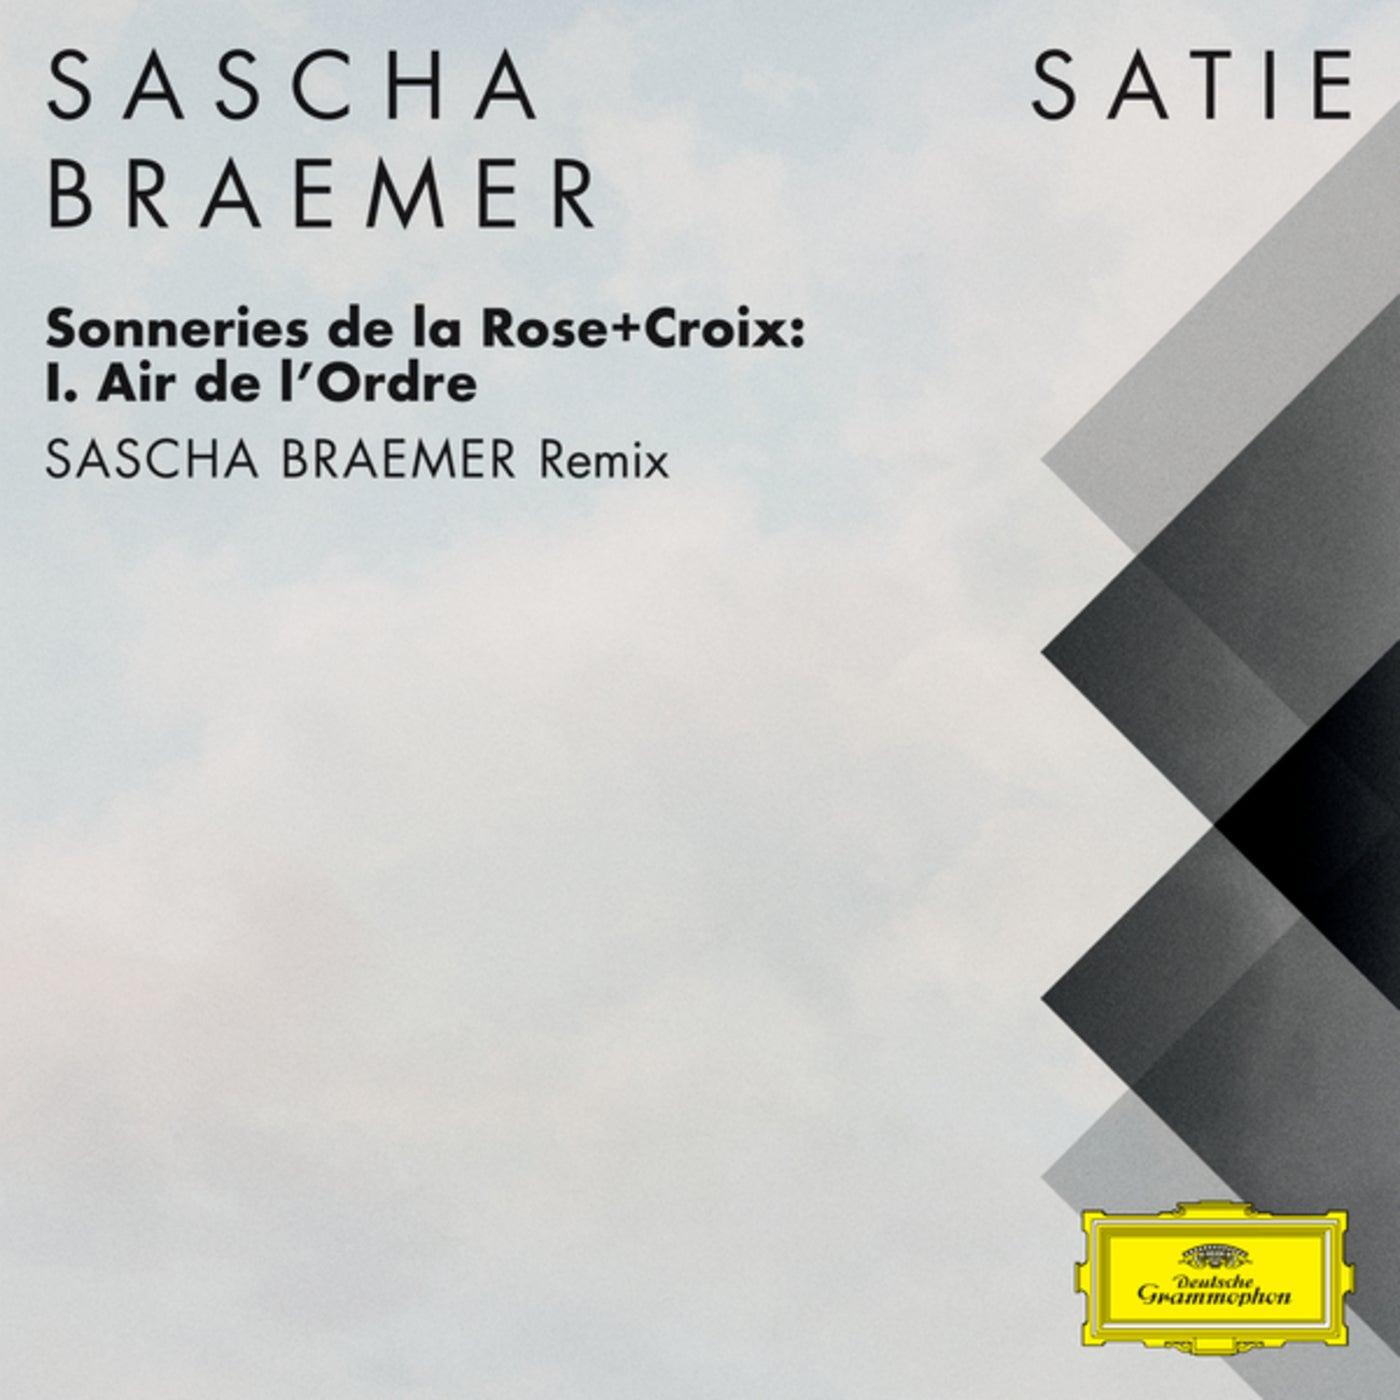 Sonneries de la Rose+Croix: I. Air de l'Ordre (Sascha Braemer 5pm Remix (FRAGMENTS / Erik Satie))